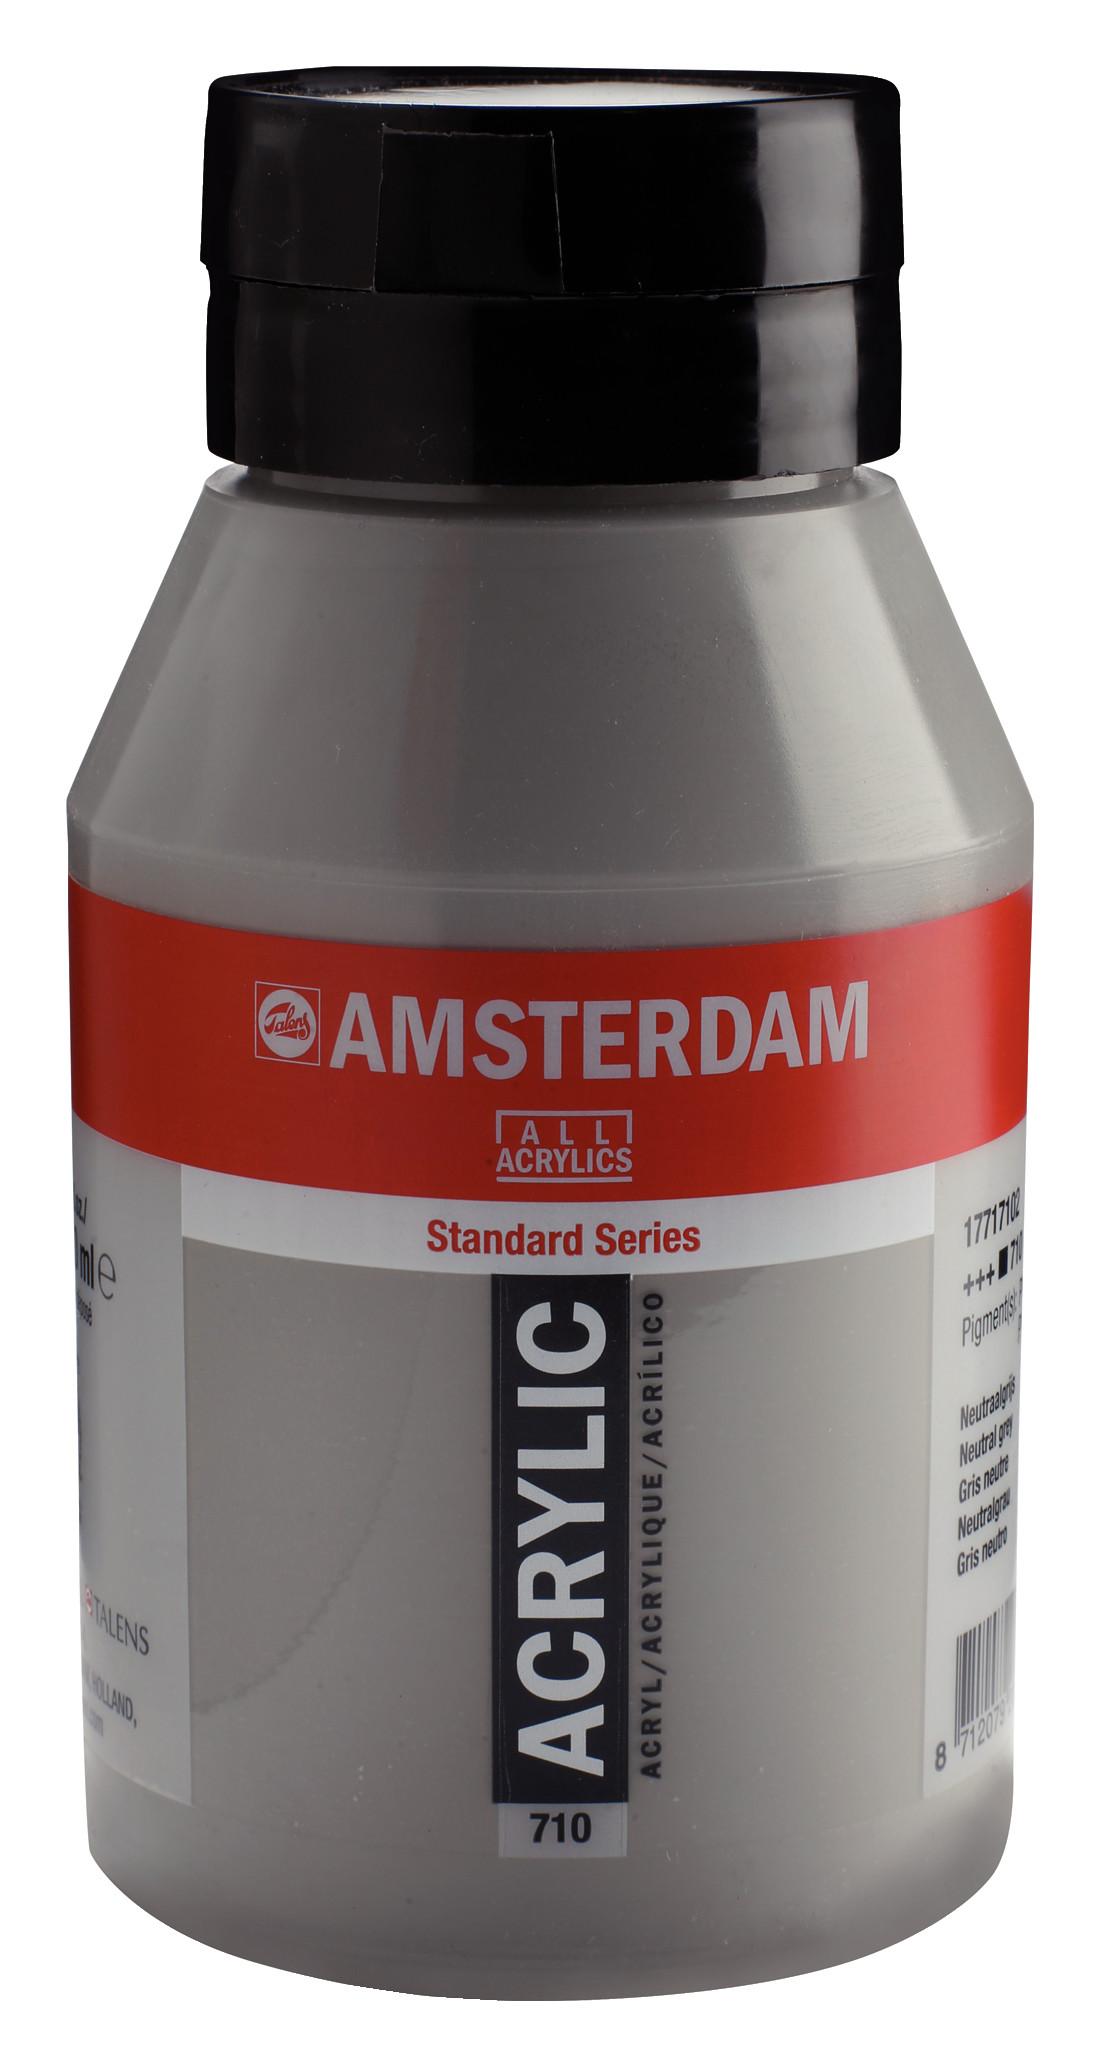 Amsterdam Standard Series Acrylic Jar 1000 ml Neutral grey 710